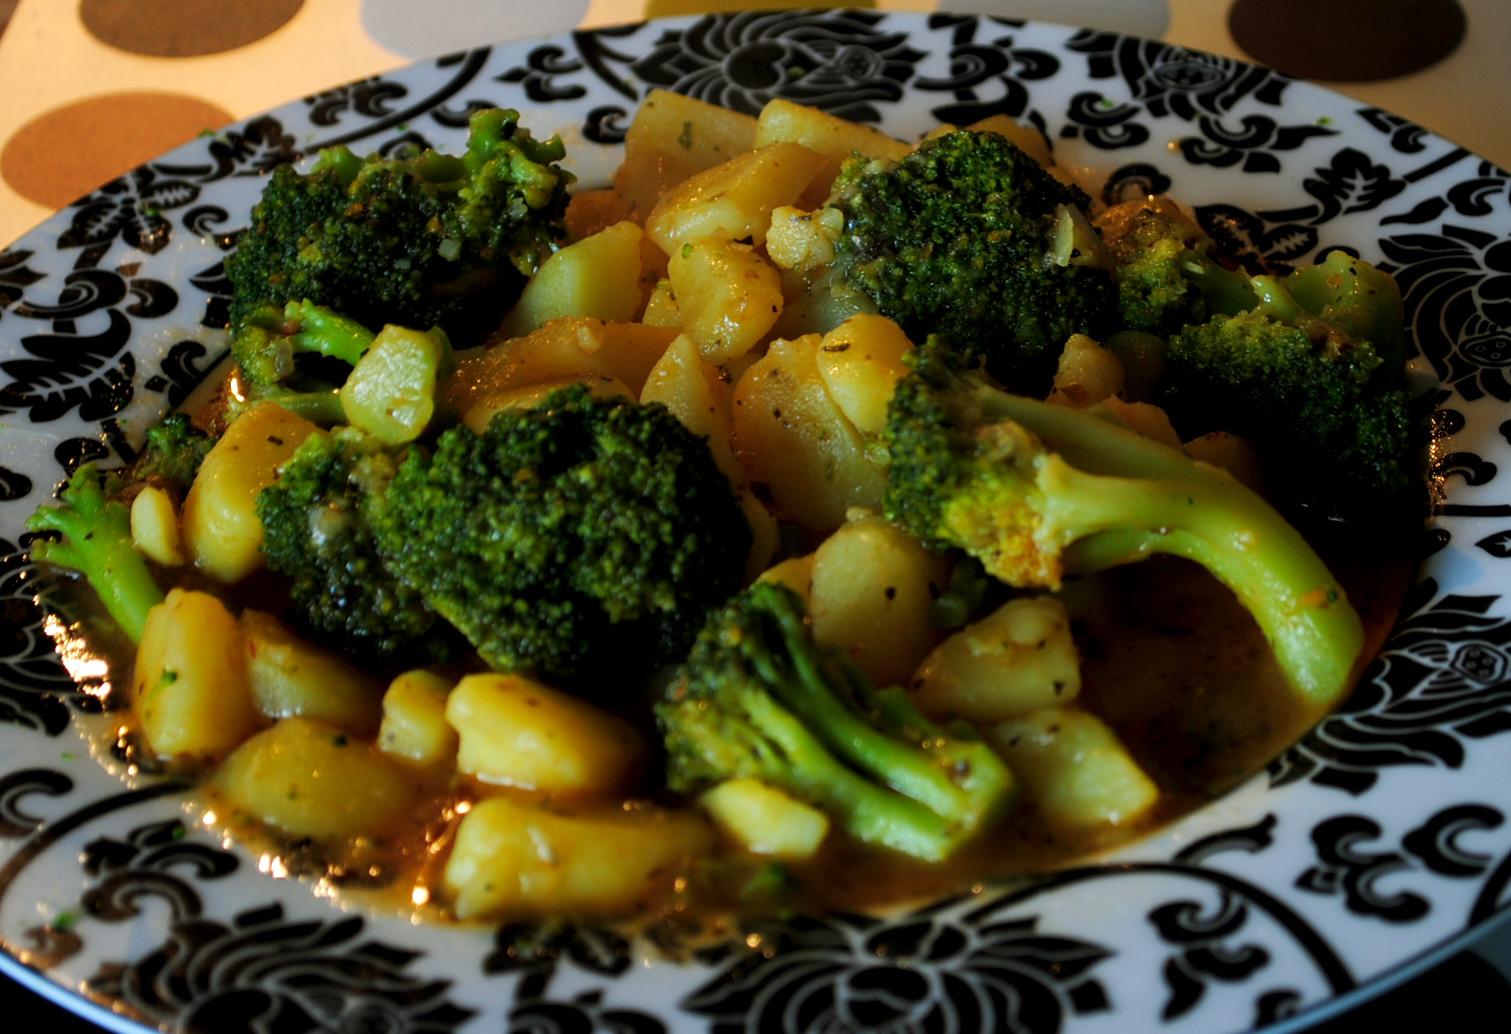 feechens vegetarische und glutenfreie k che leichte kartoffel brokkoli pfanne. Black Bedroom Furniture Sets. Home Design Ideas